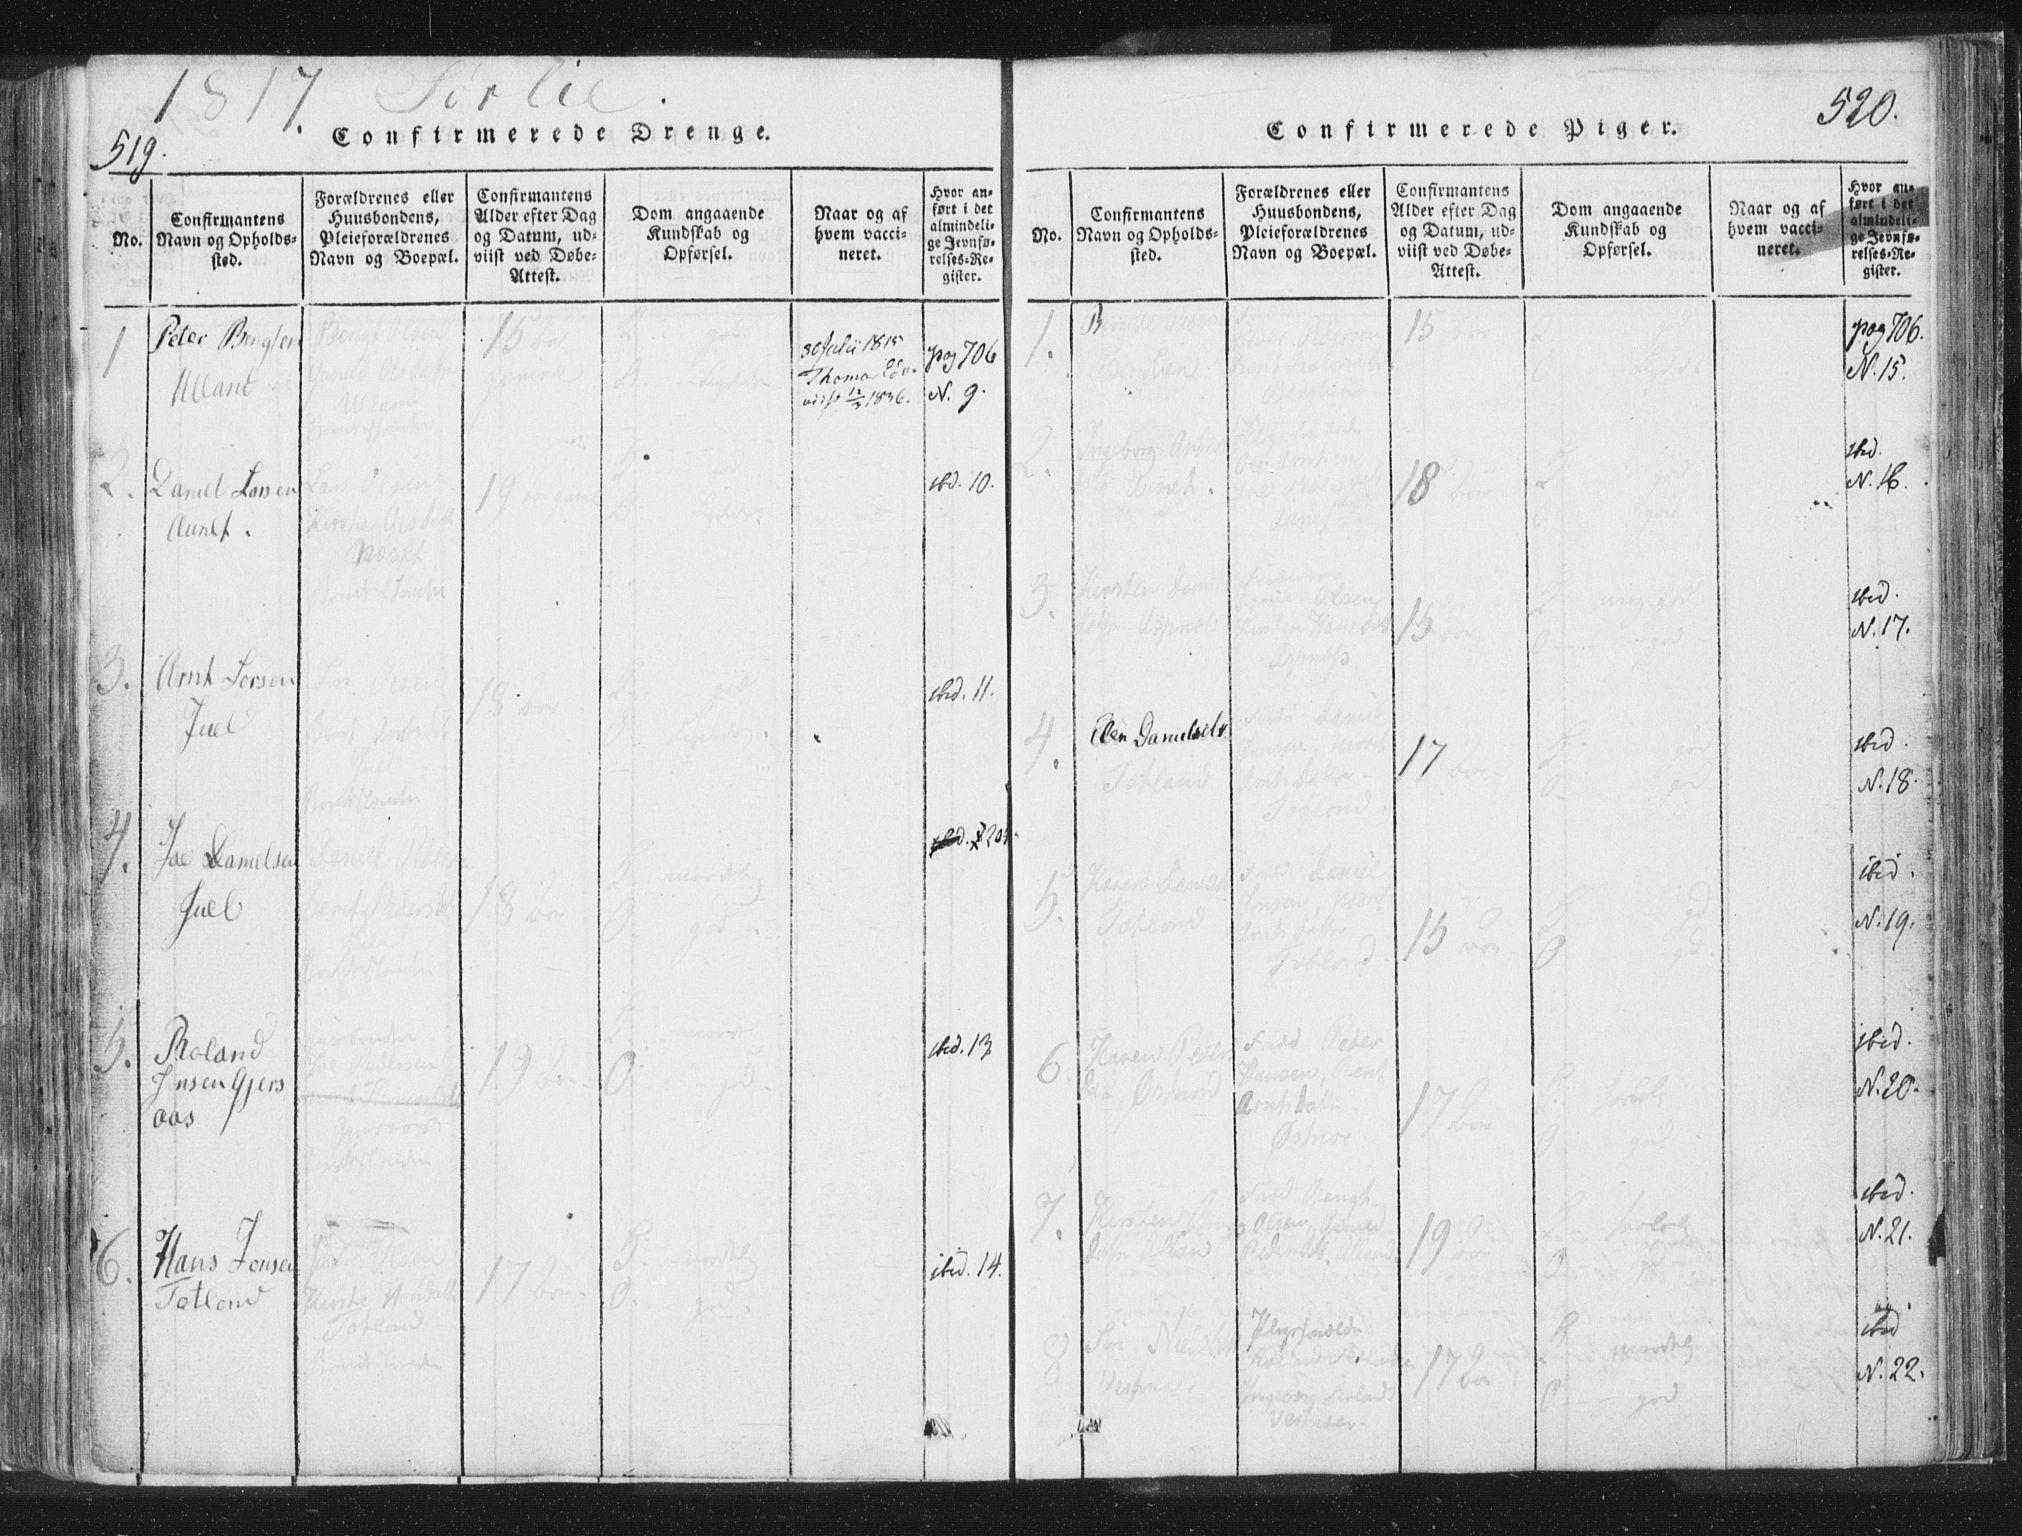 SAT, Ministerialprotokoller, klokkerbøker og fødselsregistre - Nord-Trøndelag, 755/L0491: Ministerialbok nr. 755A01 /2, 1817-1864, s. 519-520